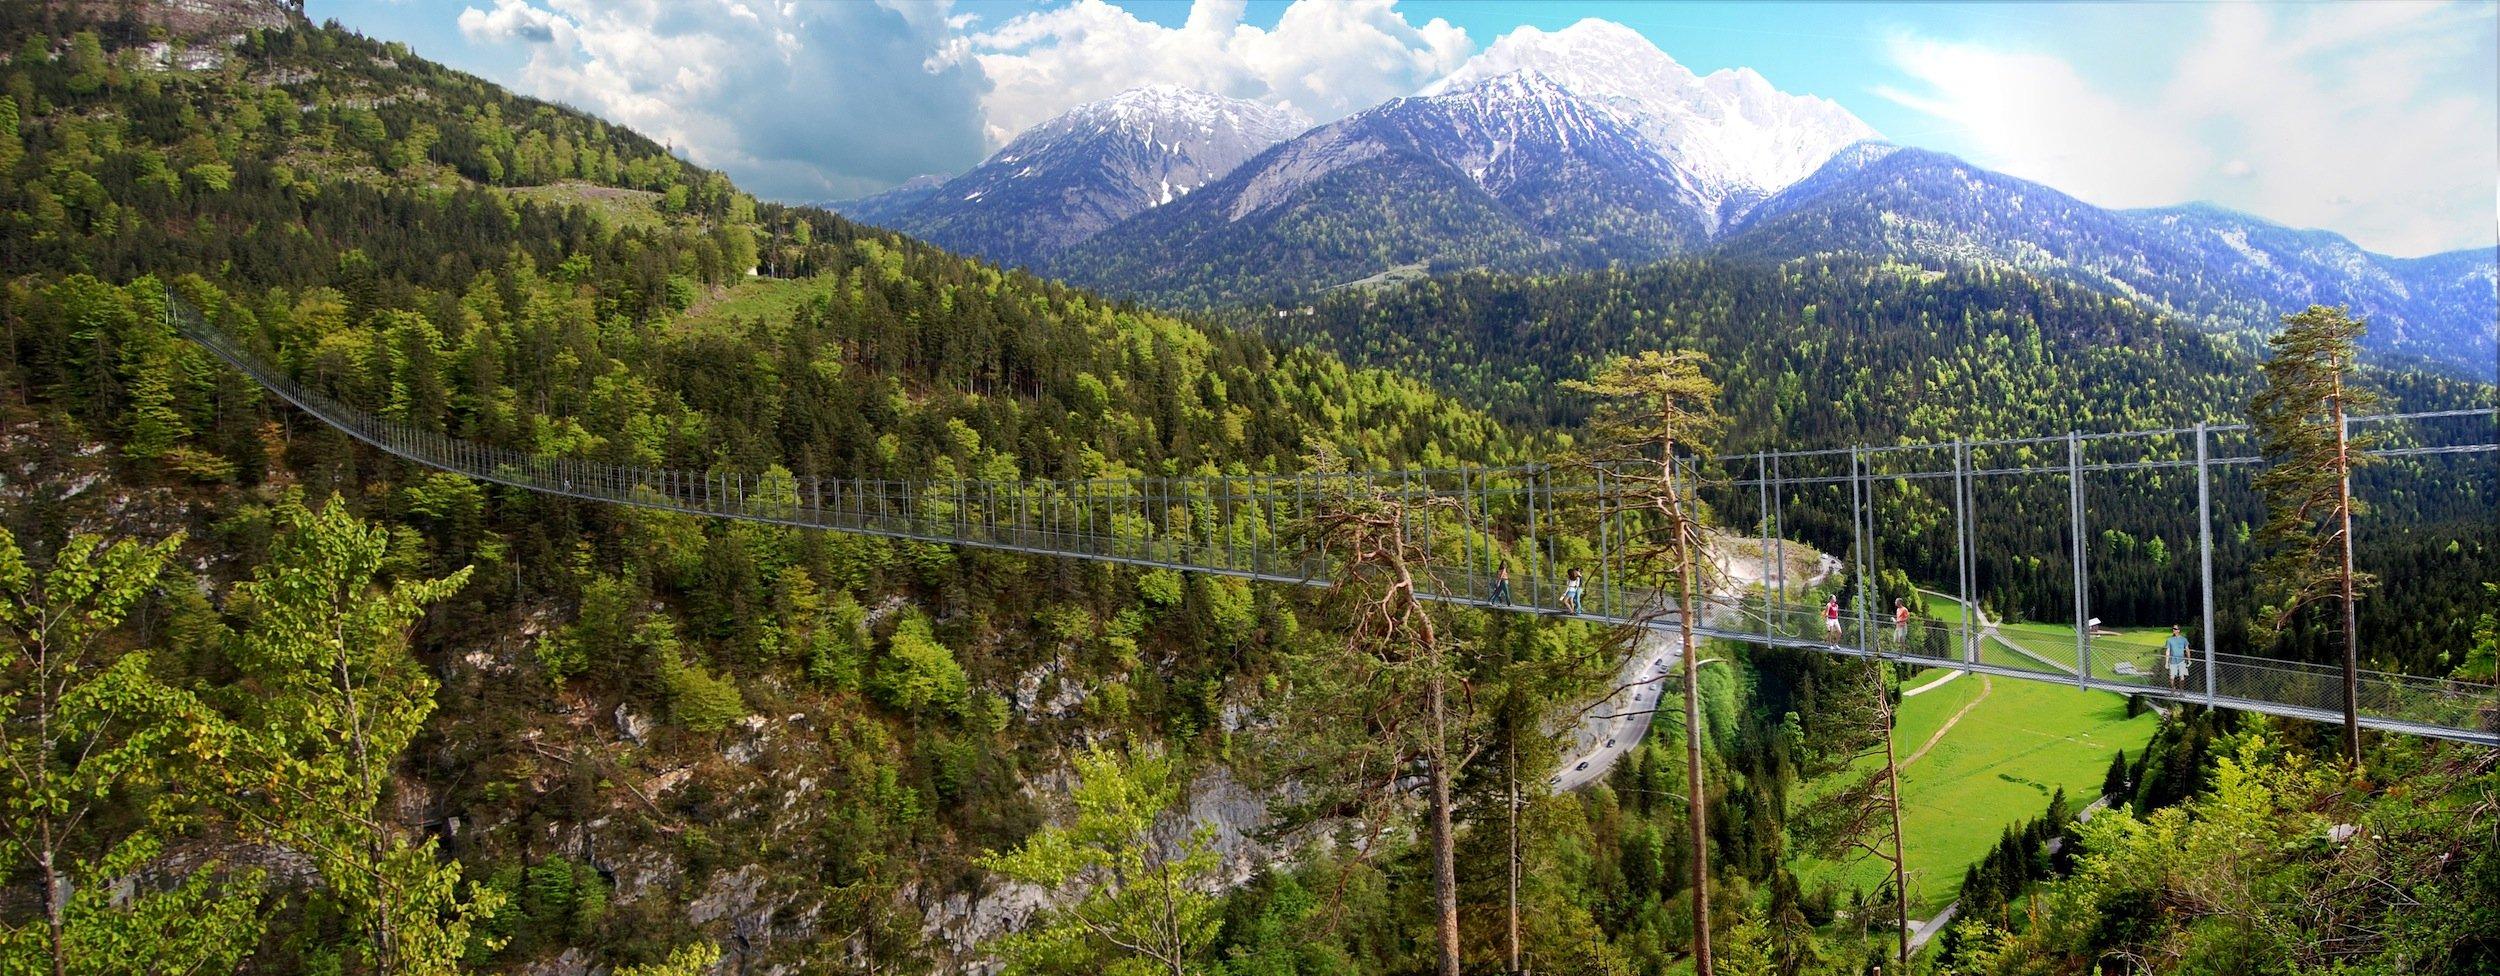 Die 406 Meter lange Hängeseilbrücke von Reutte vor dem Alpenpanorama: Darunter schlängelt sich im Hang der Fernpass durch.